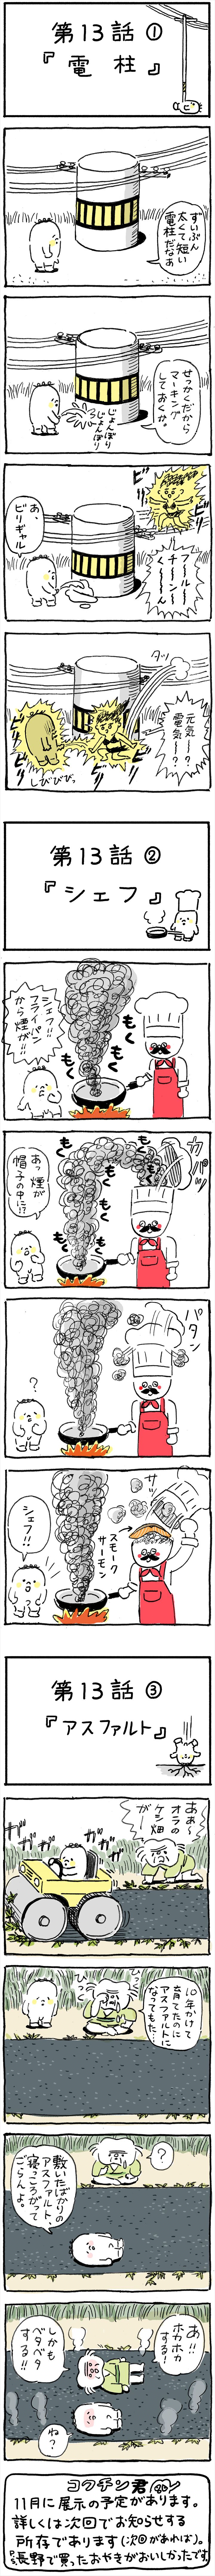 shigo13_R